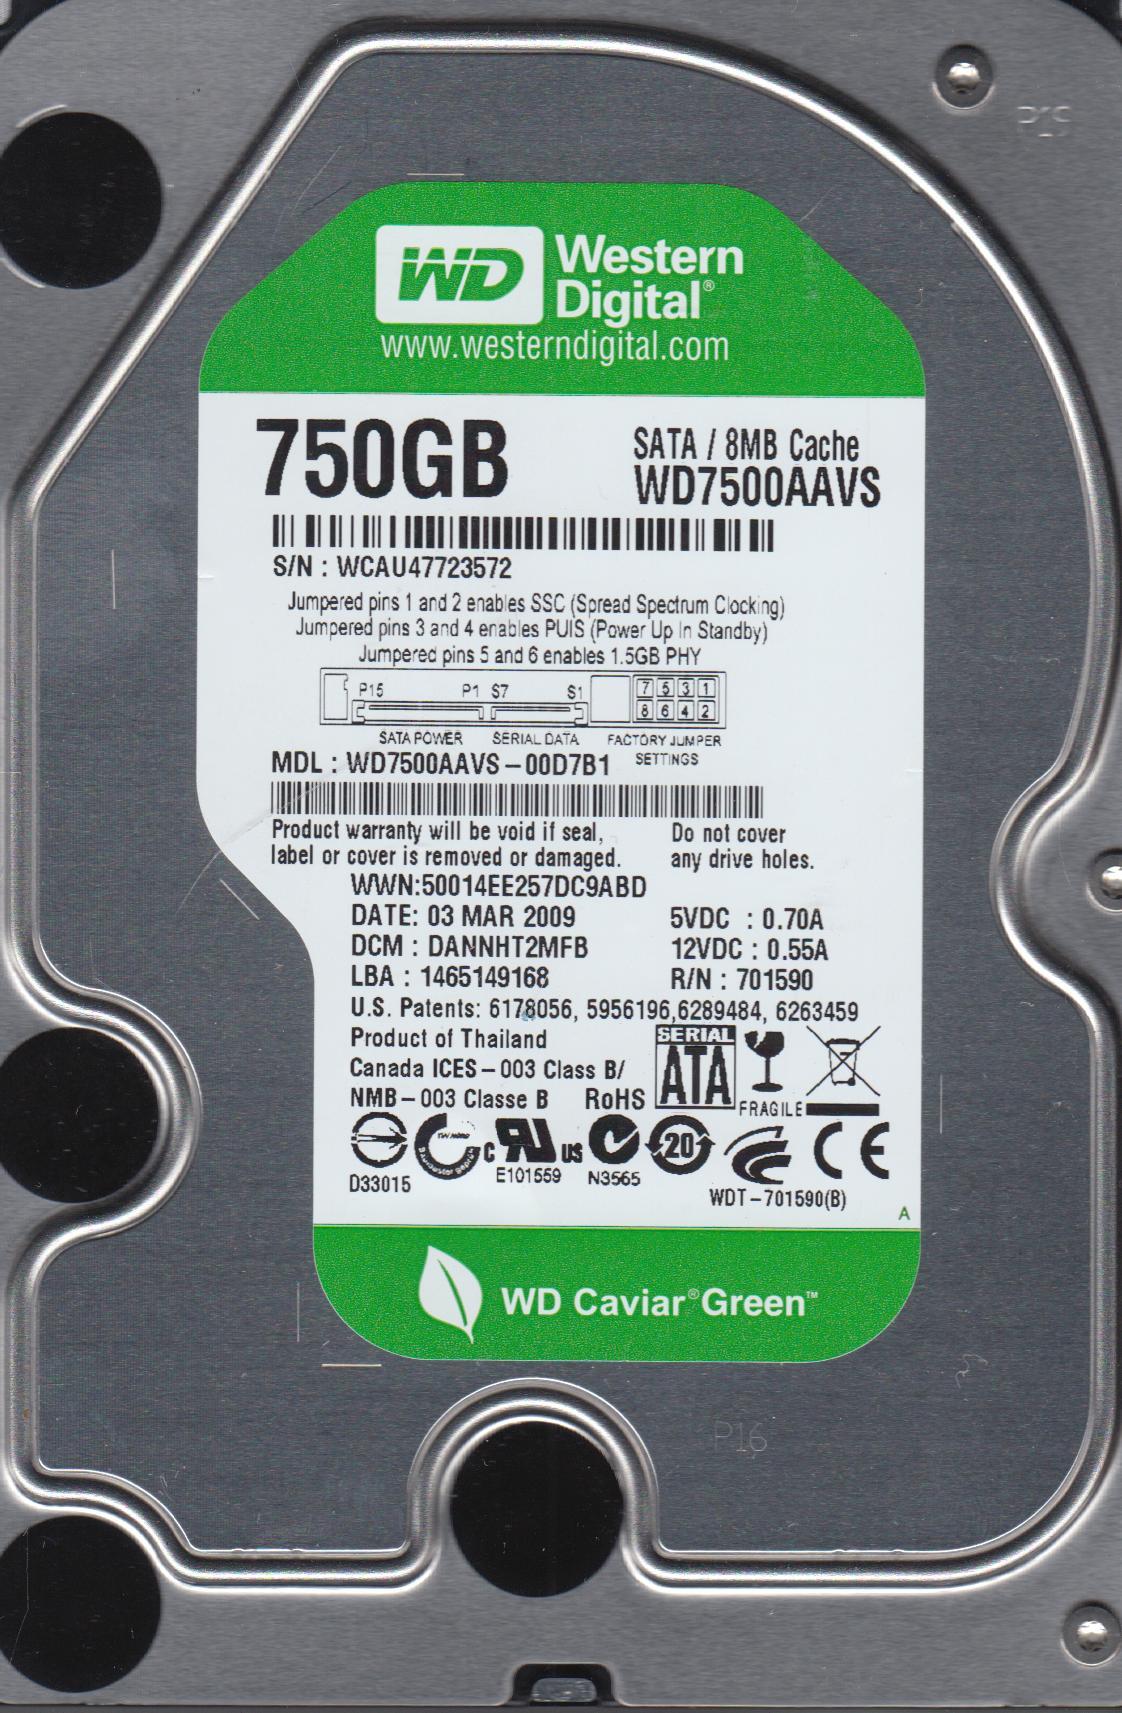 WD7500AAVS-00D7B1, DCM DANNHT2MFB, Western Digital 750GB SATA 3.5 Hard Drive by WD